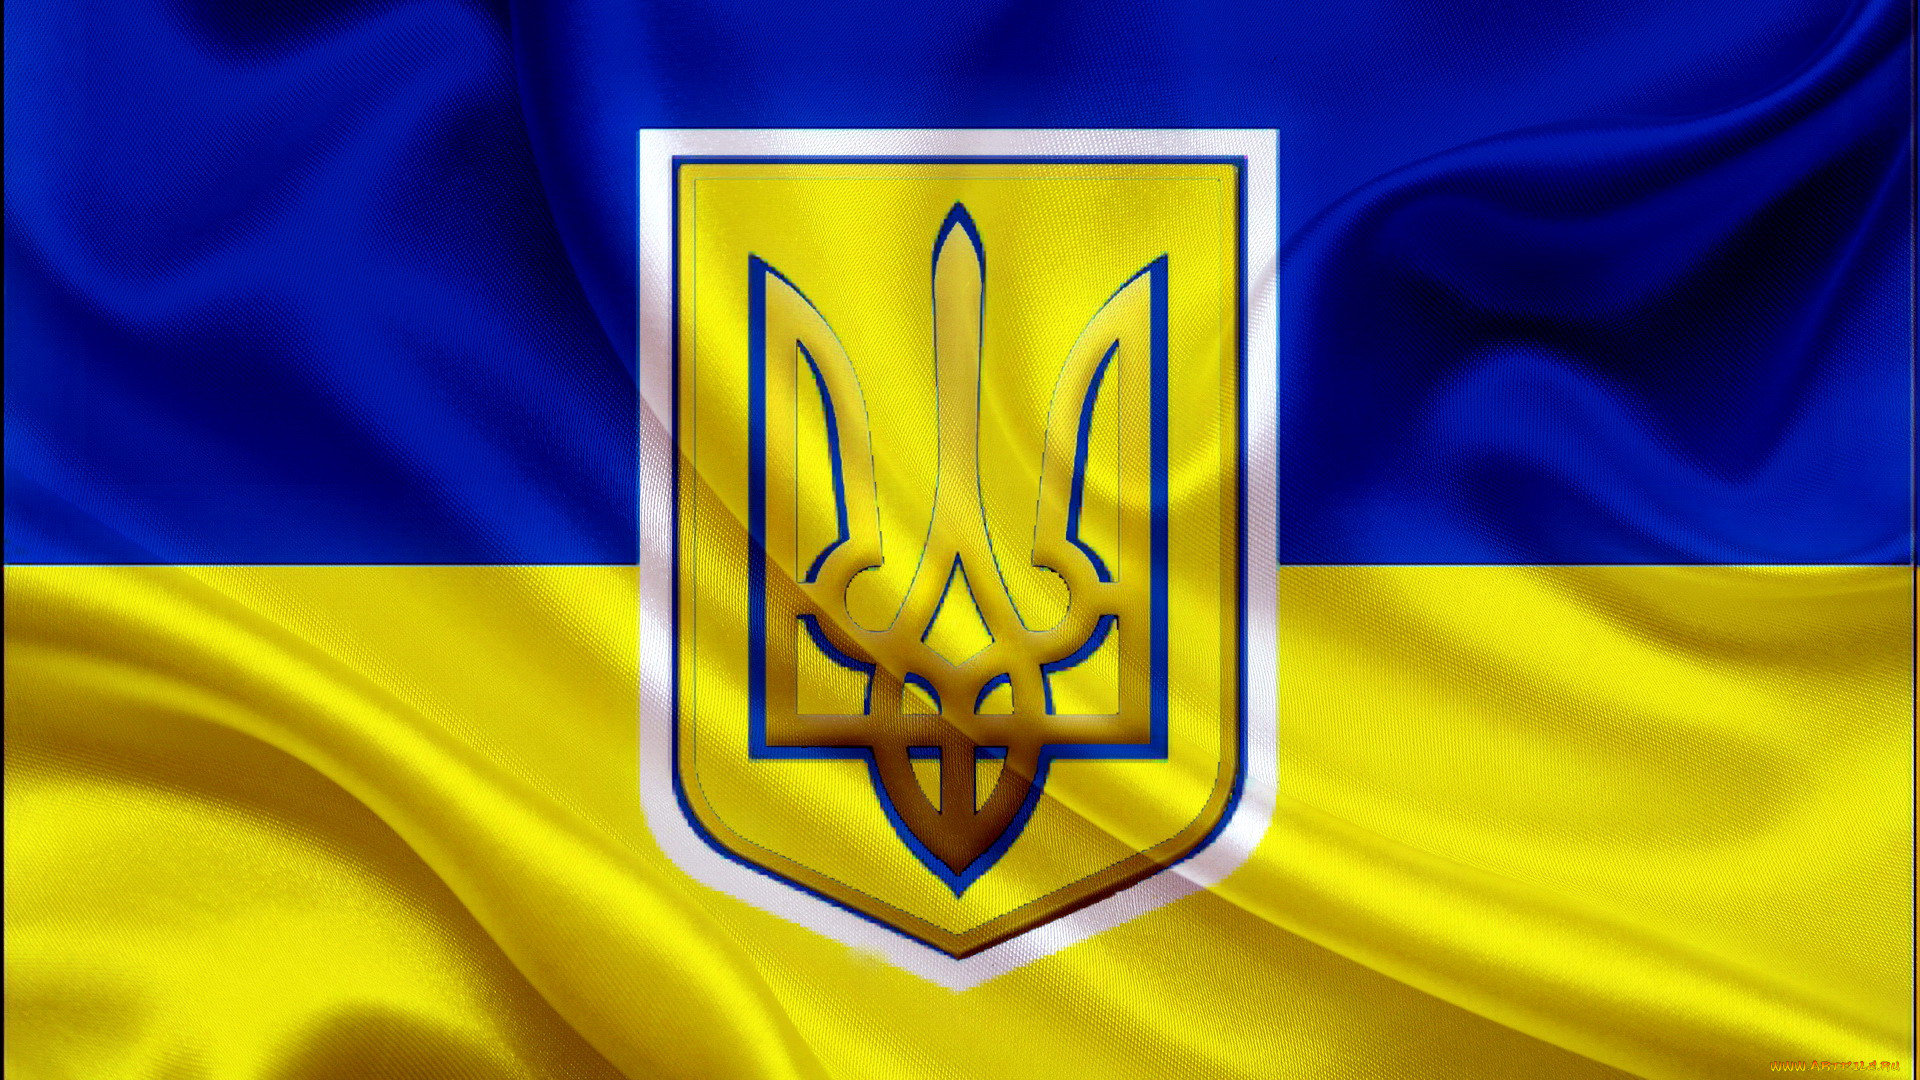 ошибочная версия, картинки герба и флага украины будьте внимательны